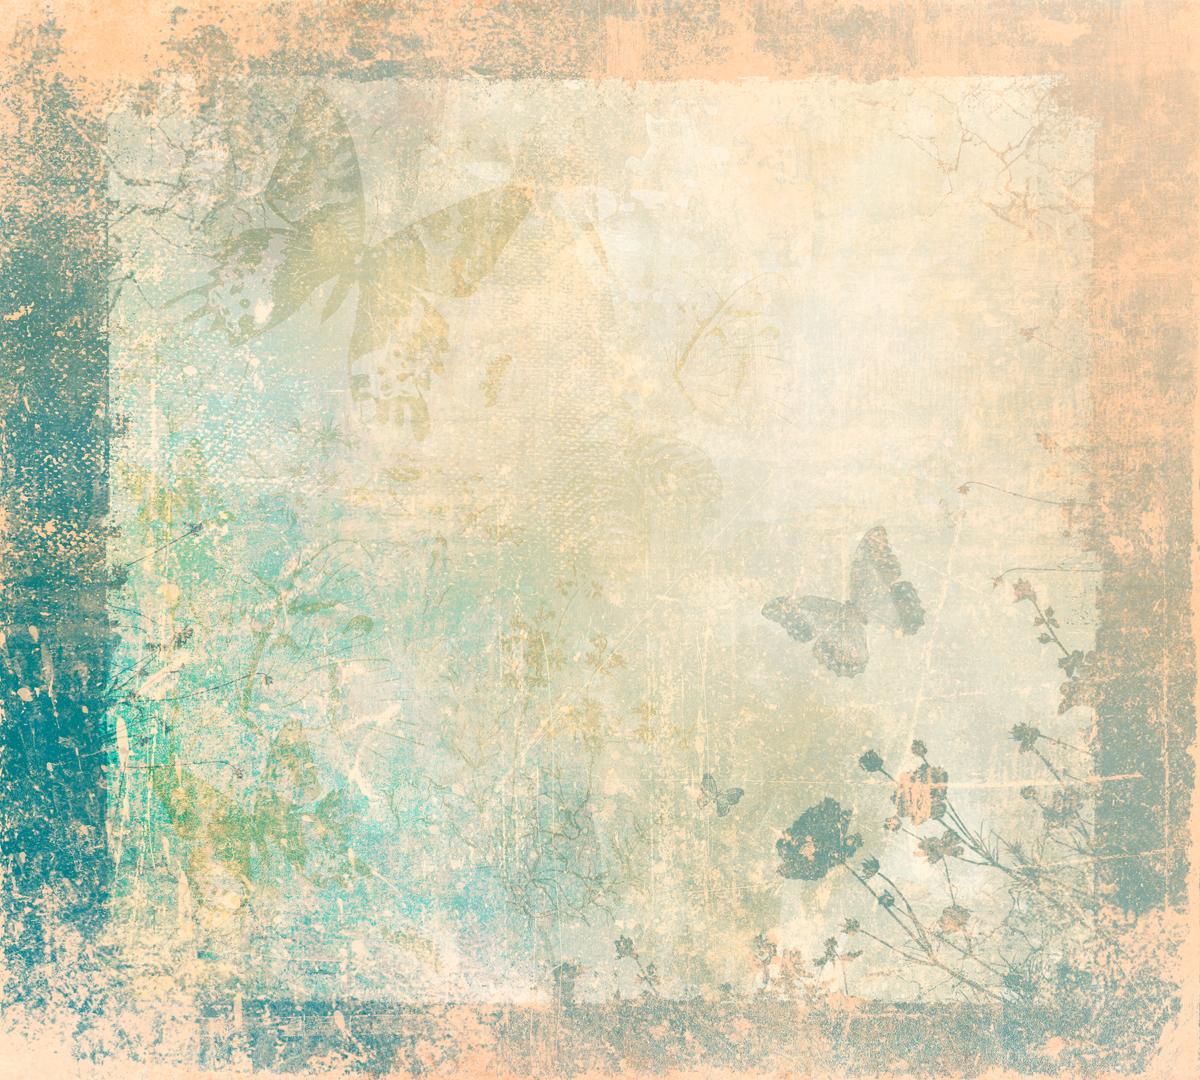 Фотообои Barton Wallpapers Цветы, 300 x 270 см. F2160312723Фотообои Barton Wallpapers позволят создать неповторимый облик помещения, в котором они размещены. Фотообои наносятся на стены тем же способом, что и обычные обои. Рельефная структура основы делает фотообои необычными, неповторимыми, глубокими и манящими.Фотообои снова вошли в нашу жизнь, став модным направлением декорирования интерьера. Выбрав правильную фактуру и сюжет изображения можно добиться невероятного эффекта живого присутствия.